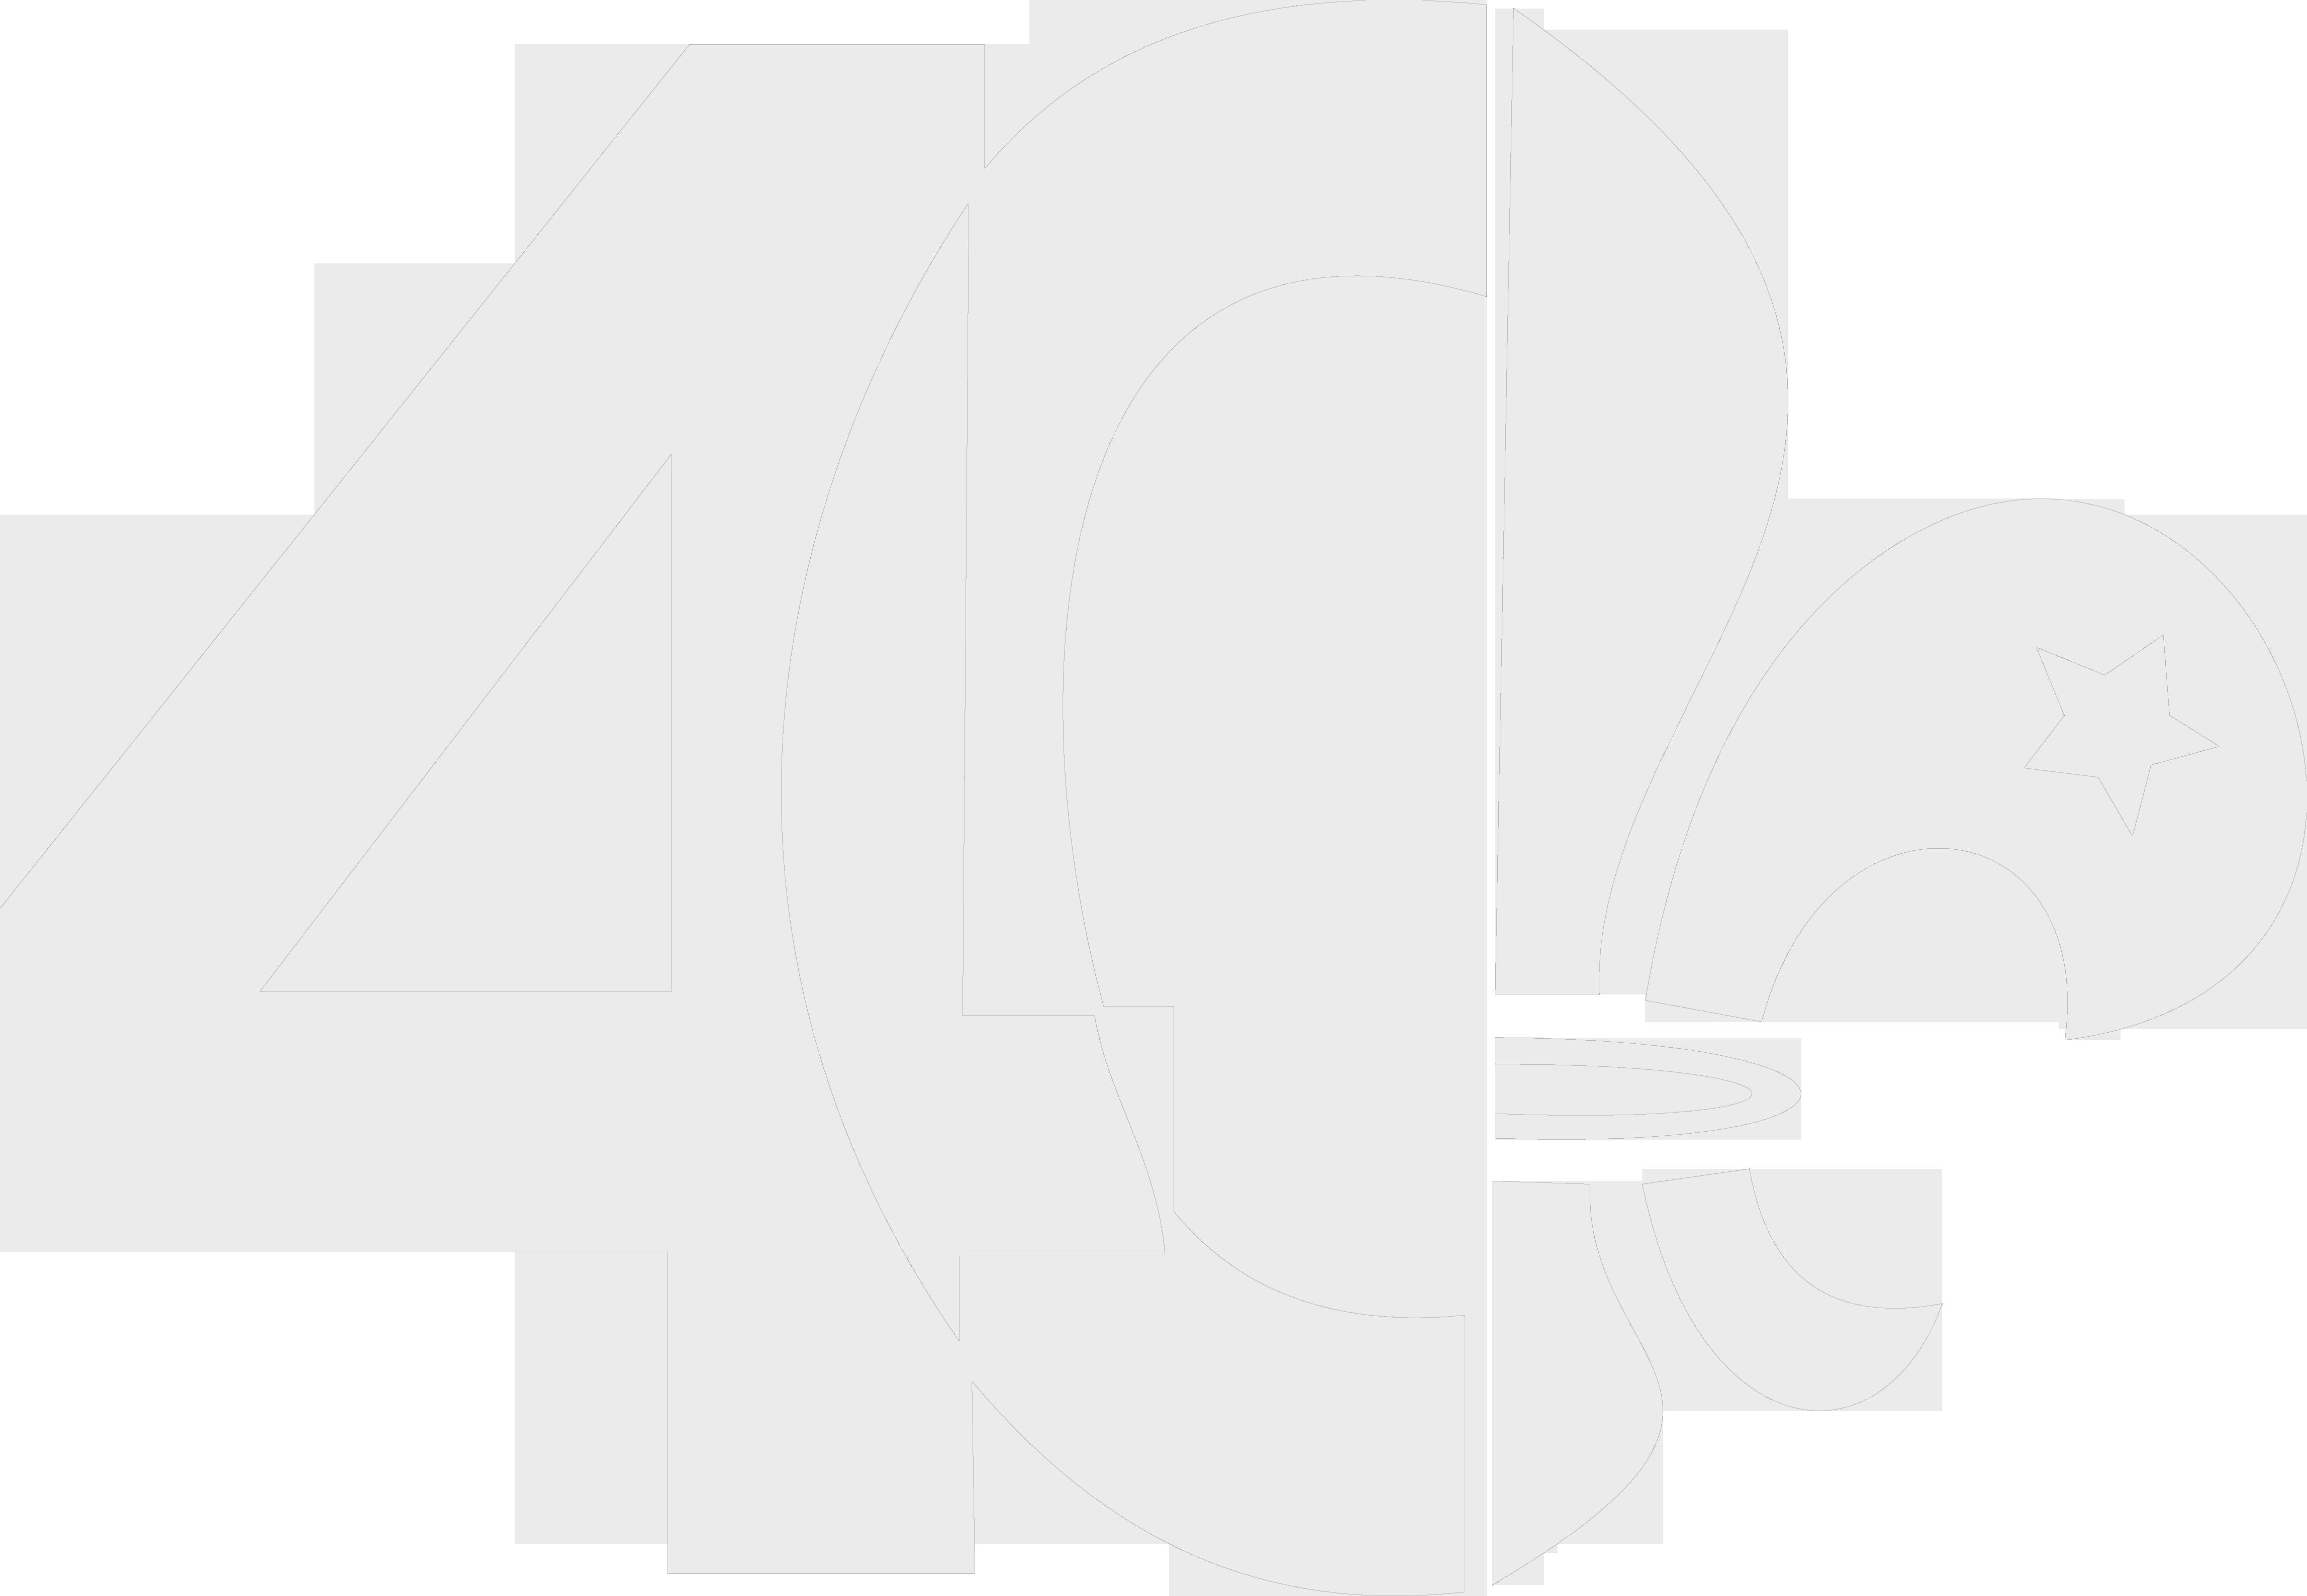 40 Σύστημα Προσκόπων Έγκωμης